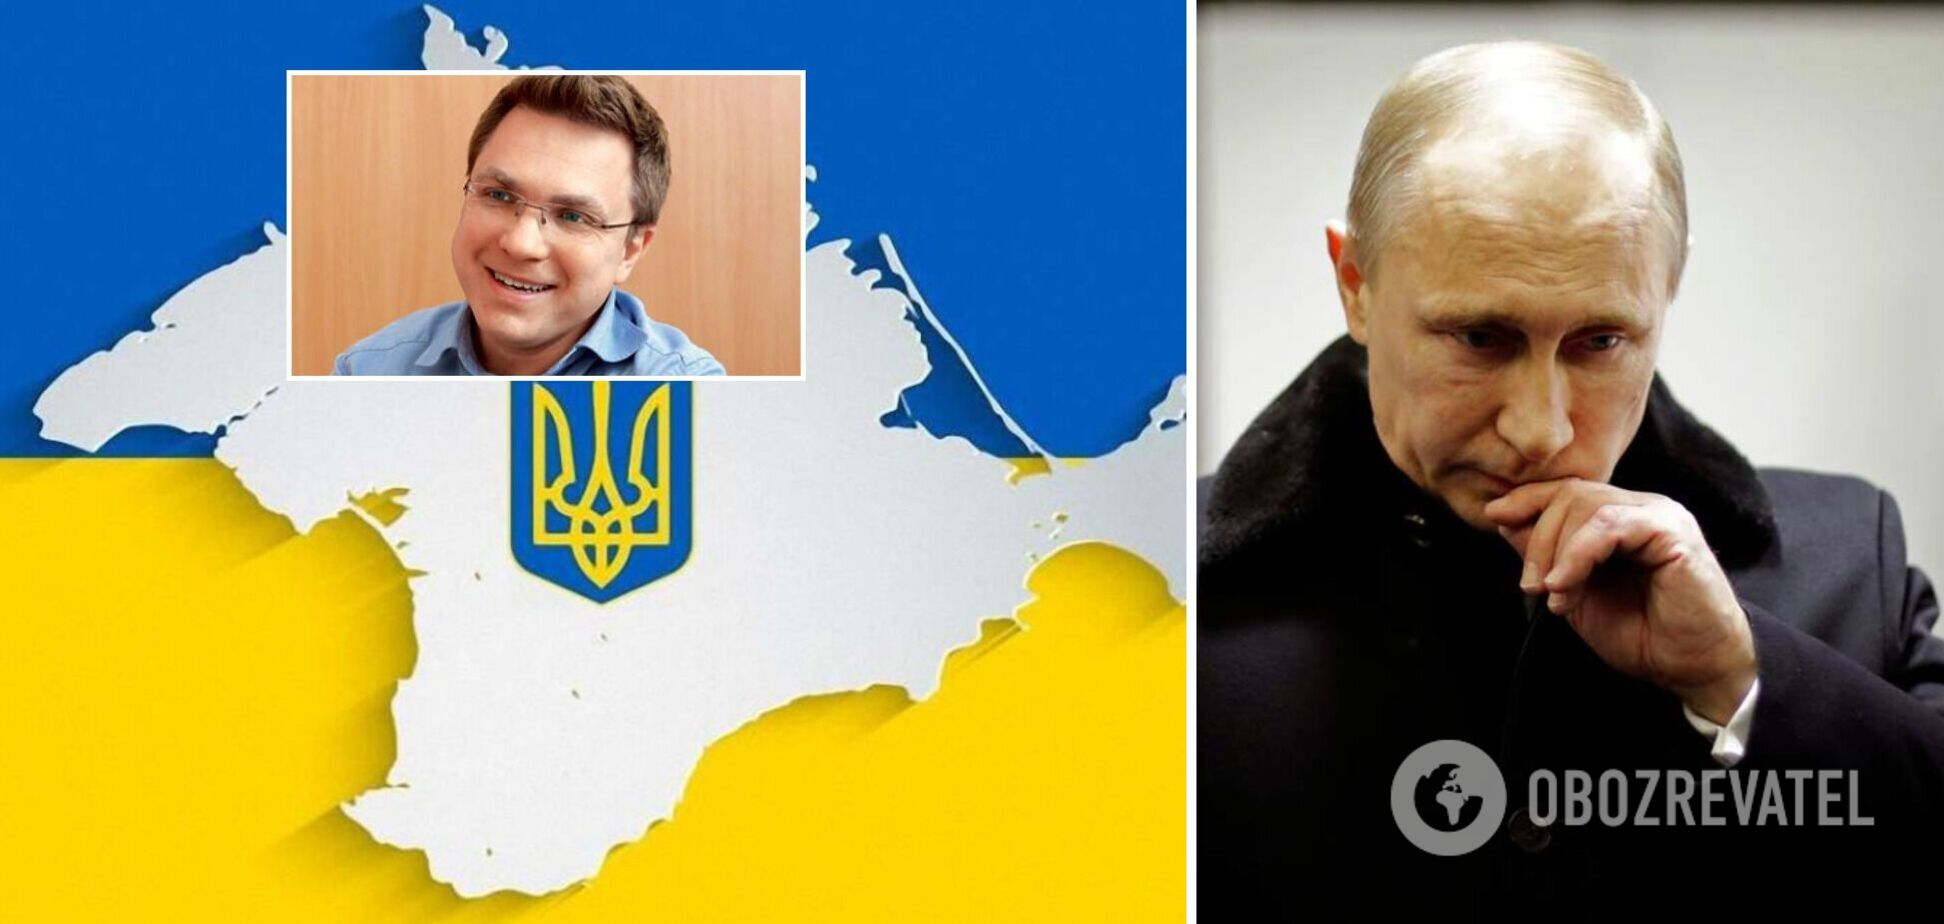 Реклама 'Кримської платформи' з'явилася на сайтах російських ЗМІ. Ексклюзивні подробиці спецоперації